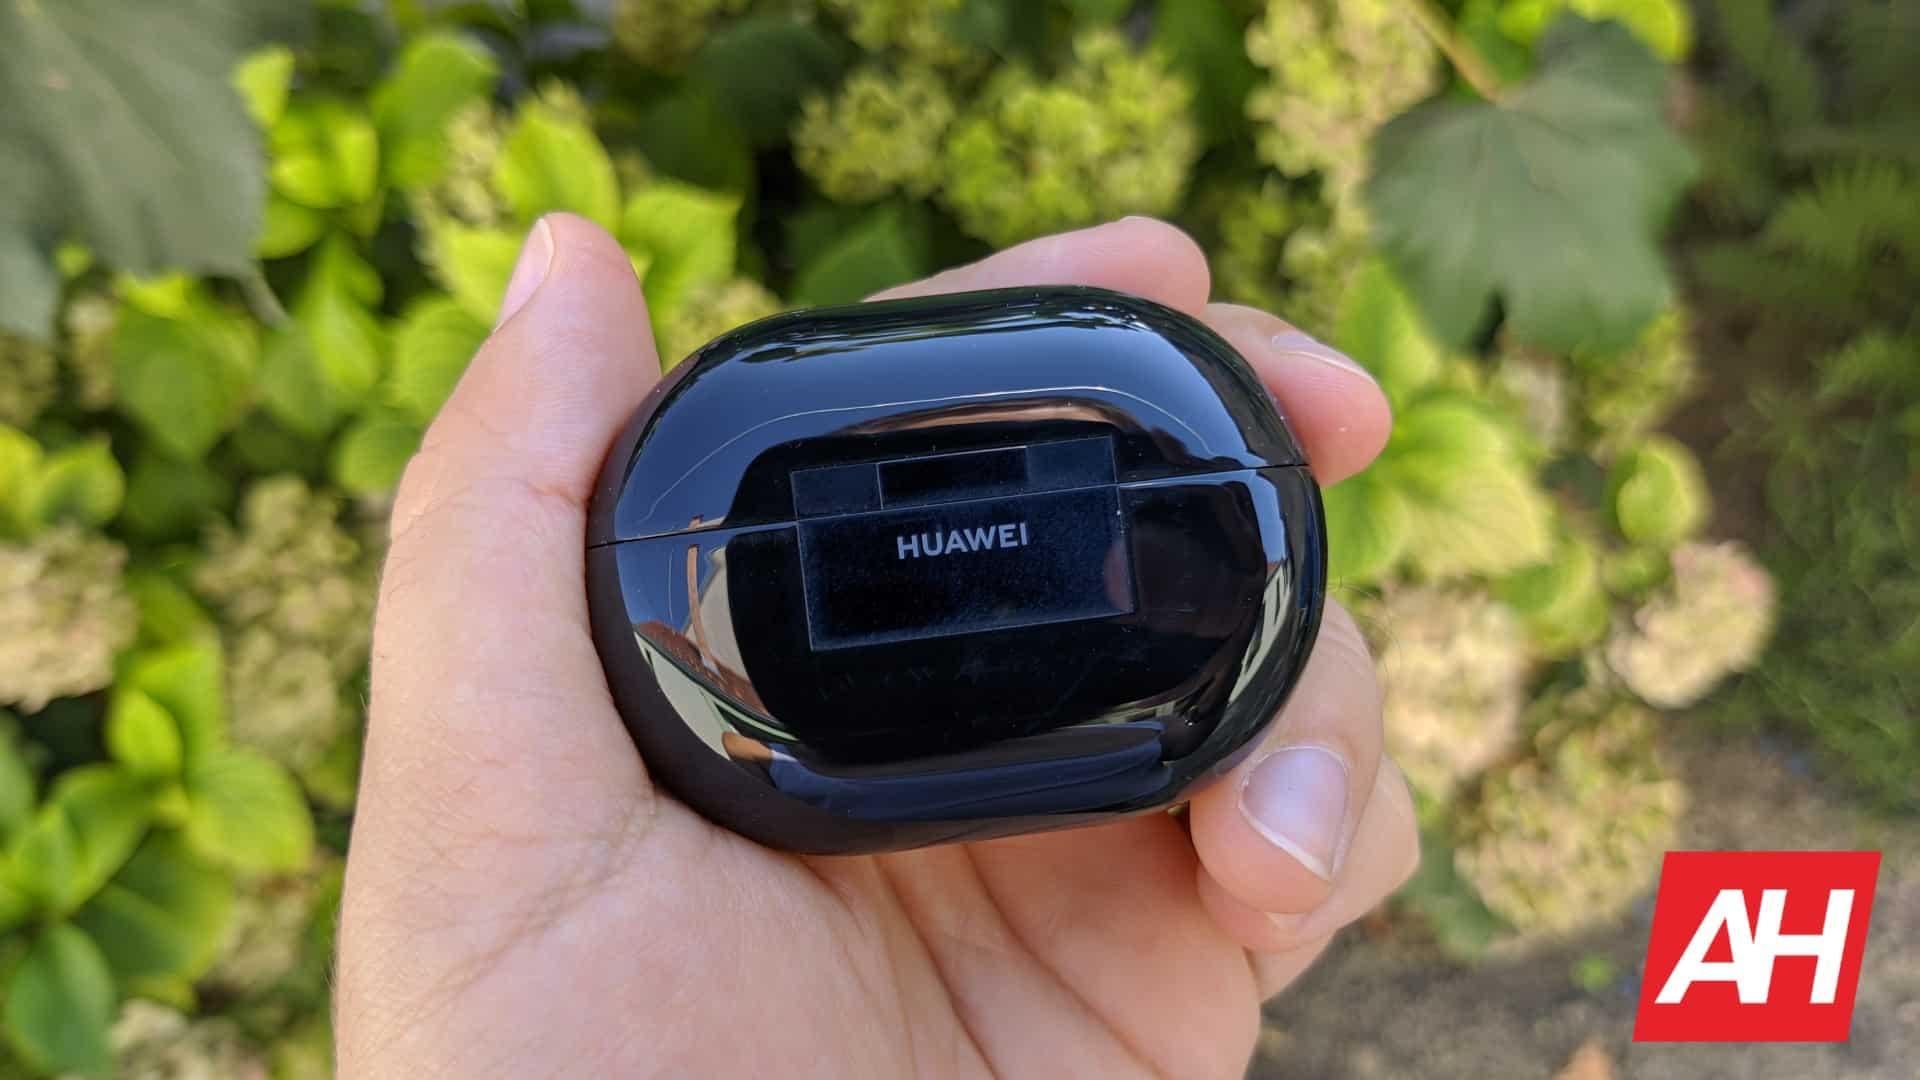 AH Huawei FreeBuds Pro 17